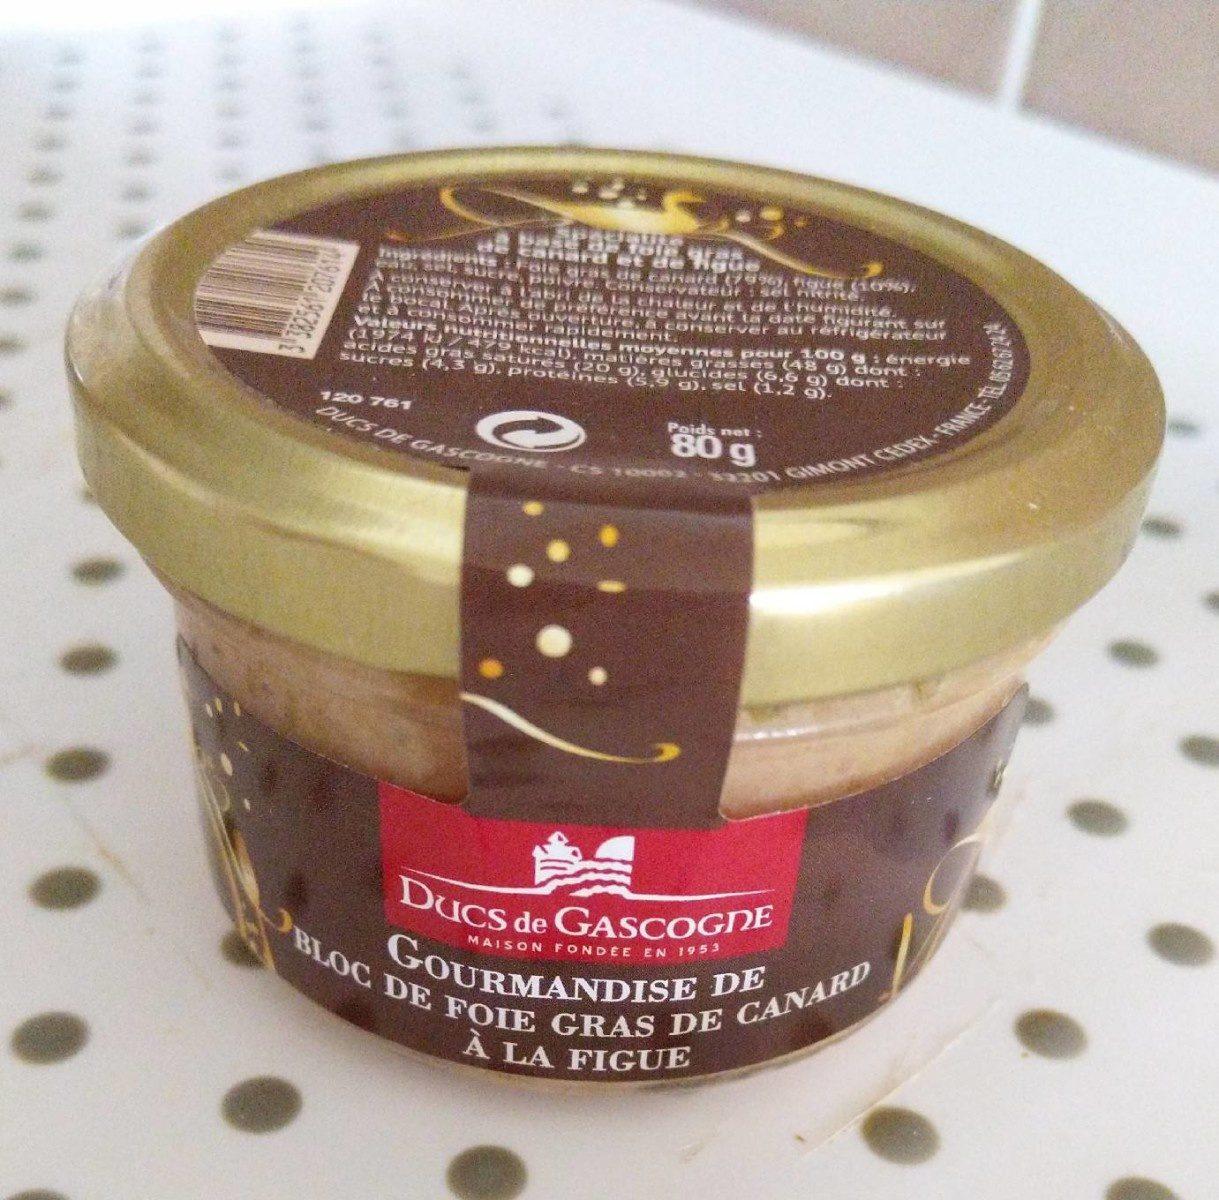 Gourmandise de bloc de foie gras de canard à la figue - Product